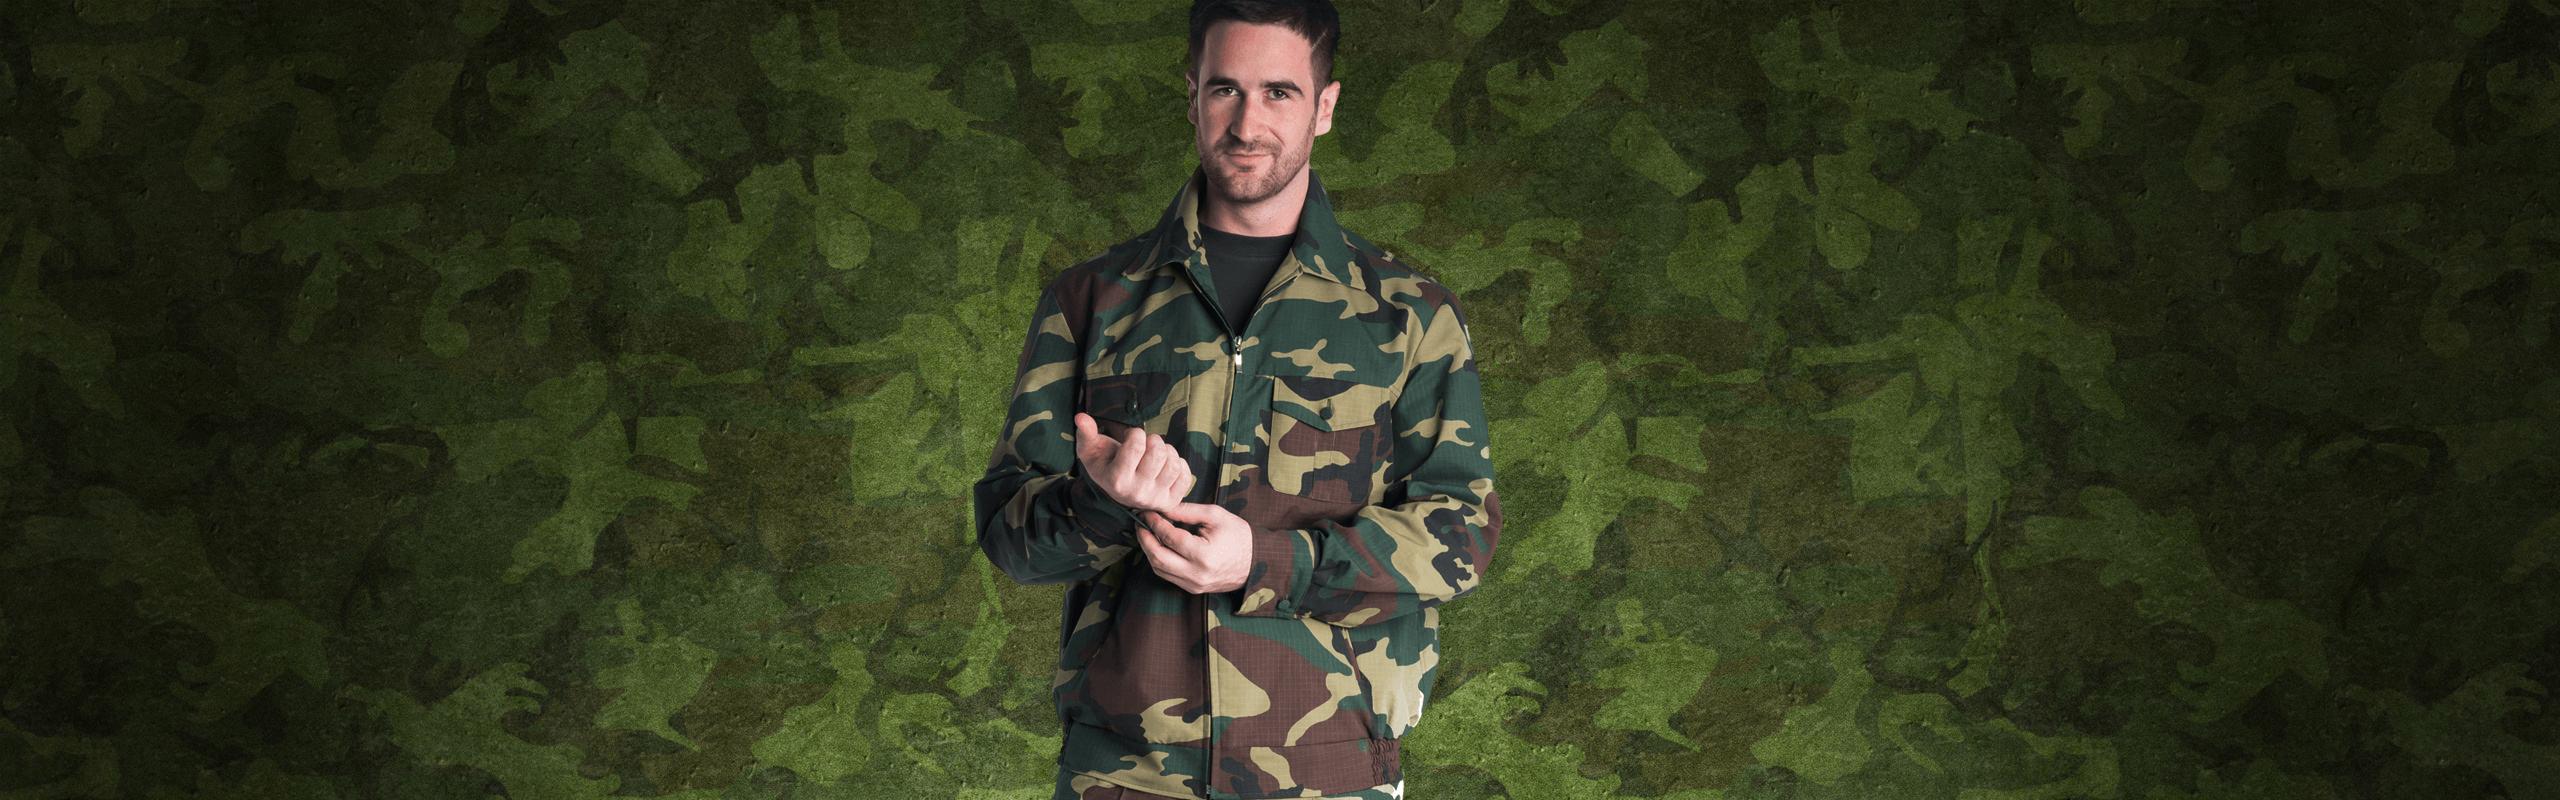 Форменная одежда в ташкенте